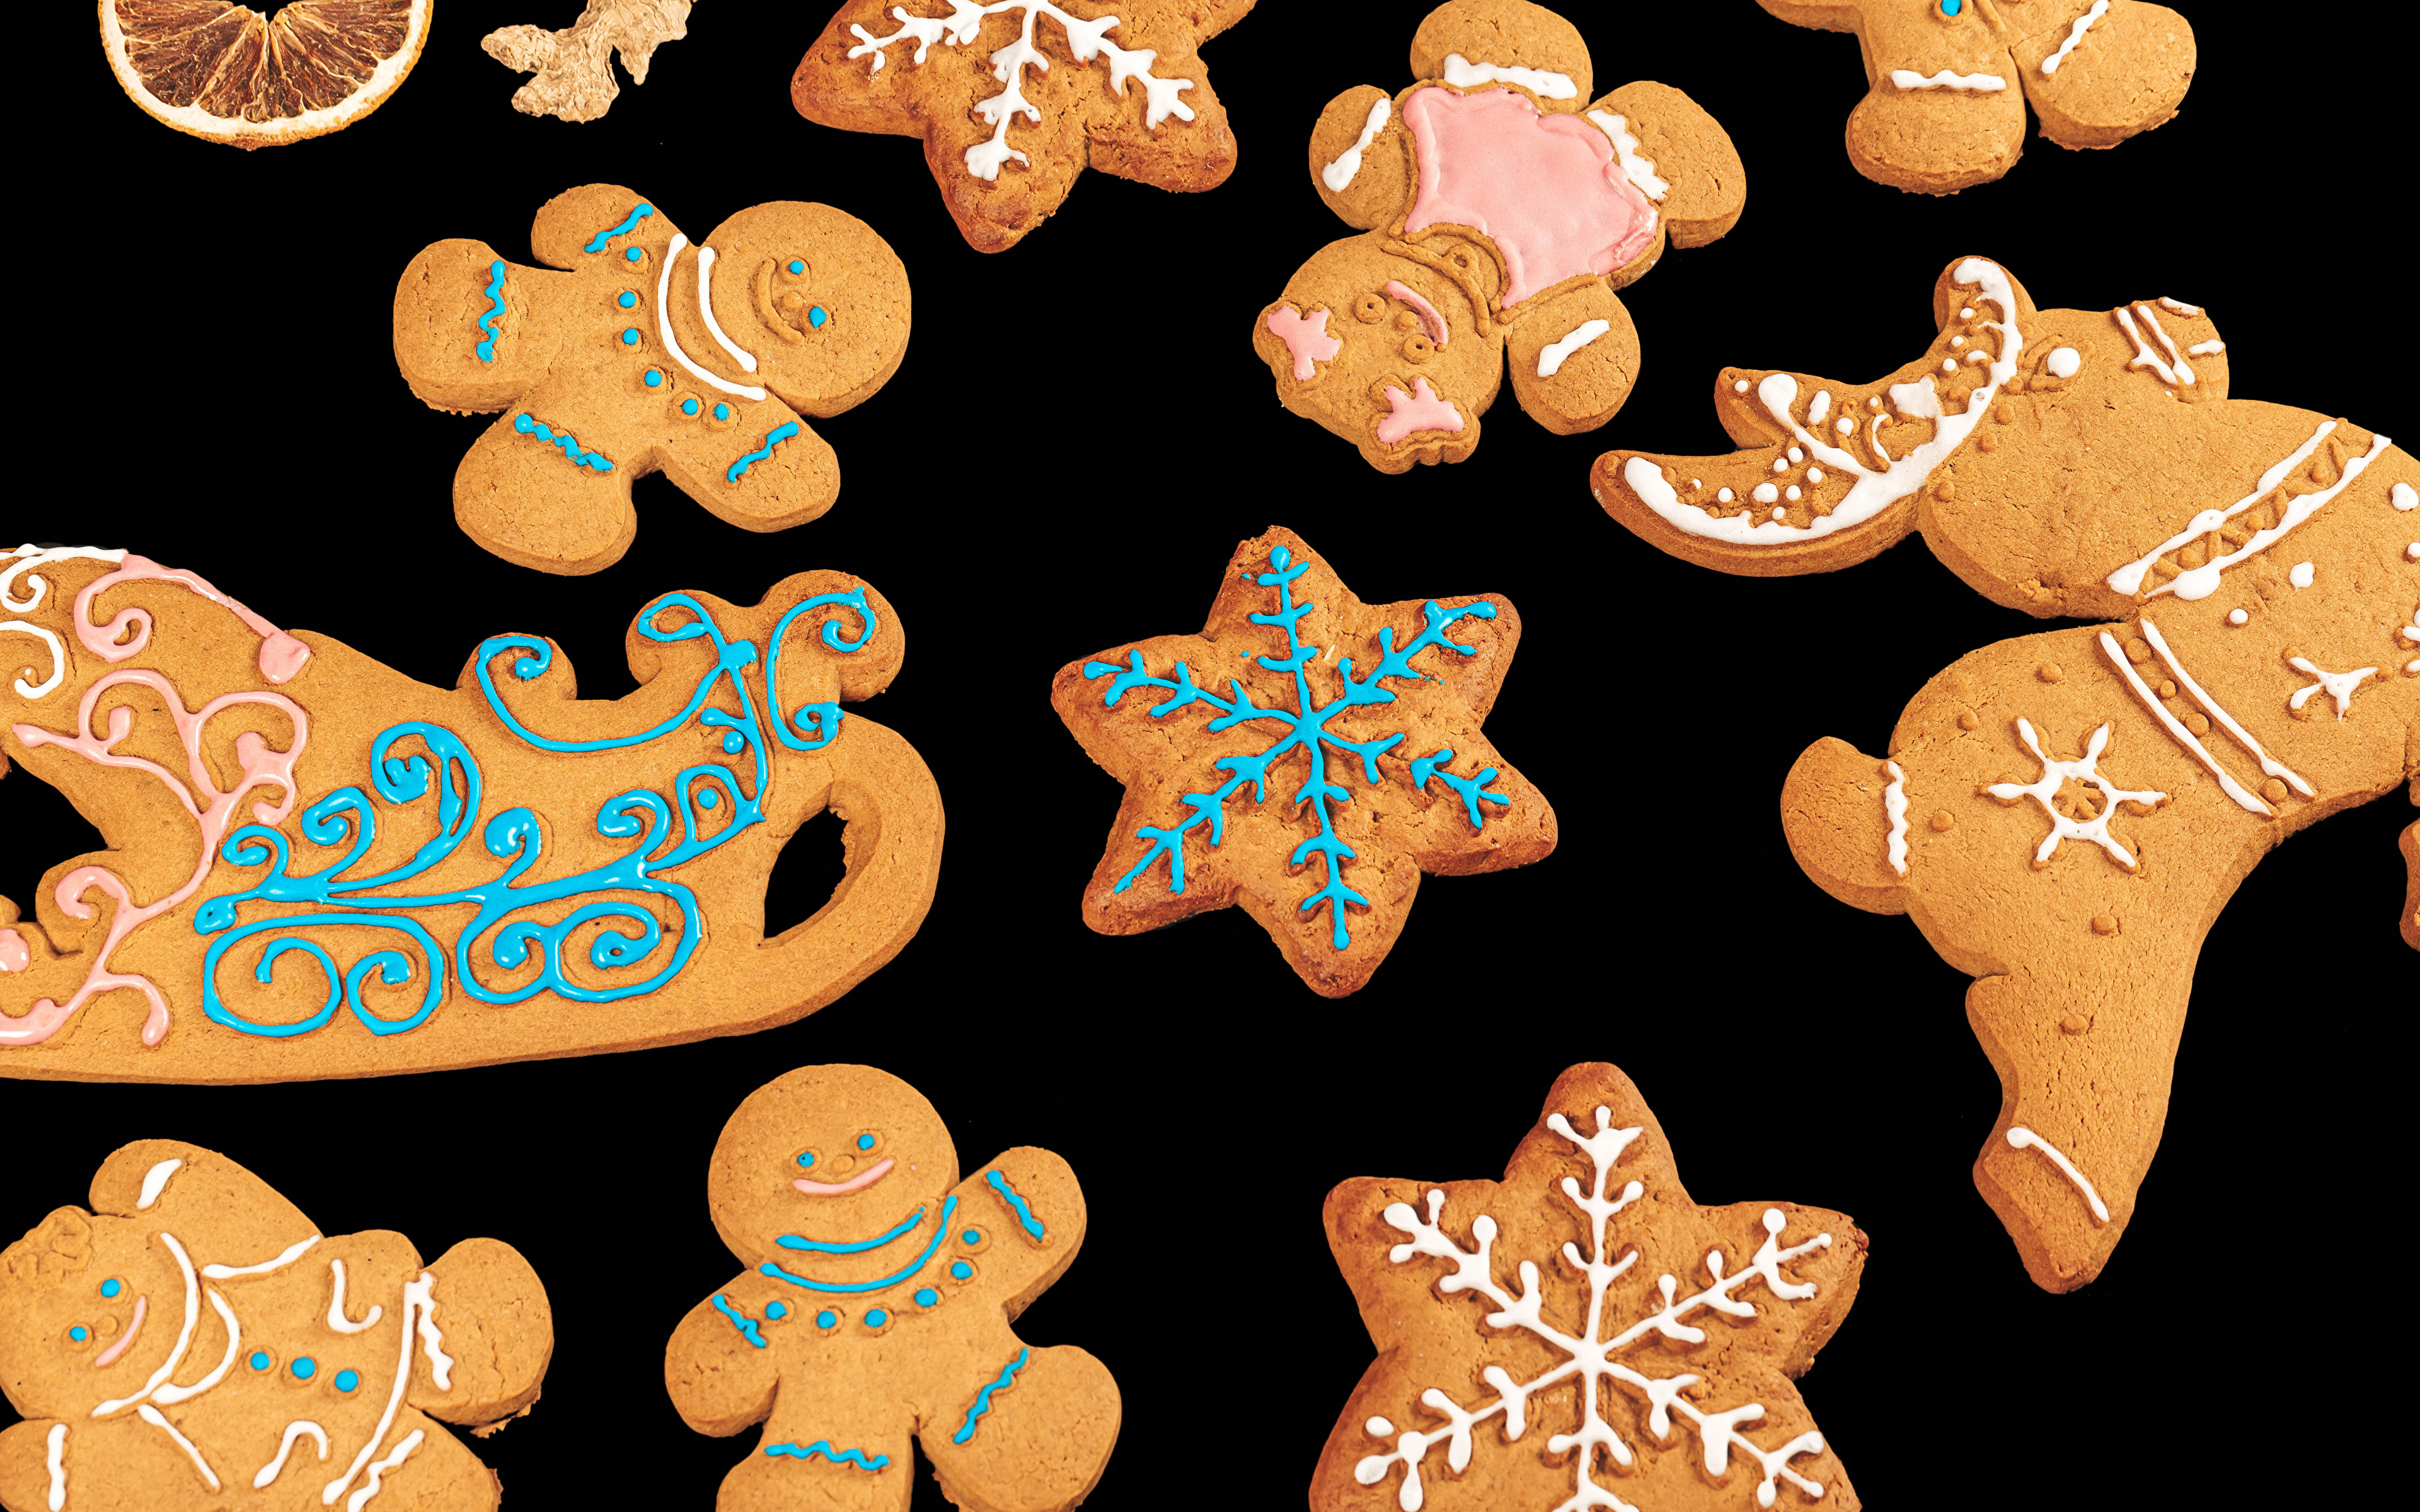 Картинки Новый год санях Снежинки Печенье Продукты питания Черный фон Дизайн 3840x2400 Рождество Сани Санки санках снежинка Еда Пища на черном фоне дизайна